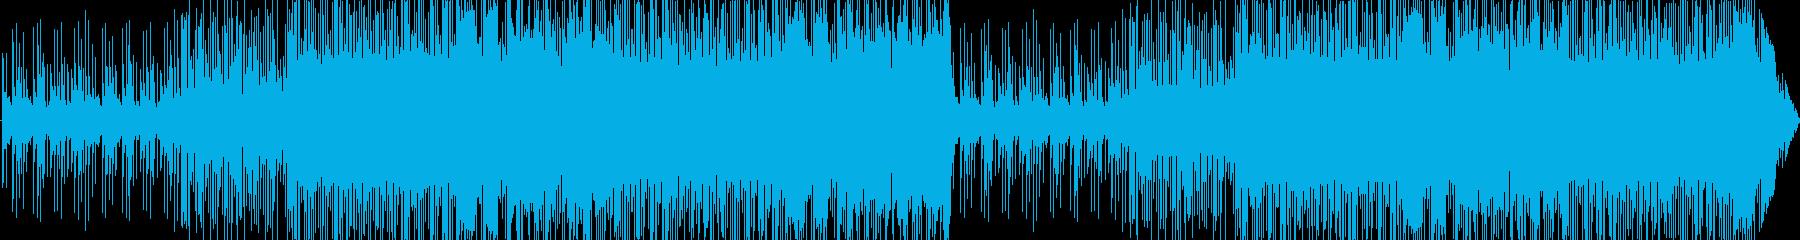 チップチューンによる可愛いポップスですの再生済みの波形